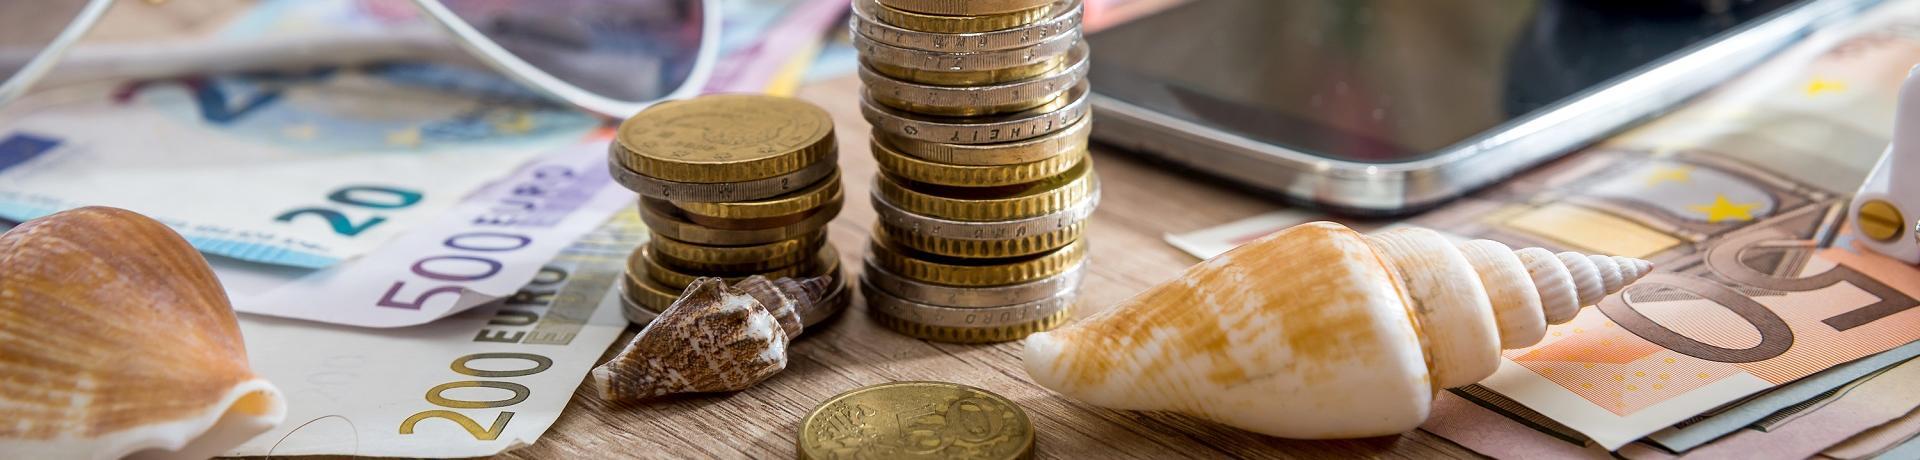 Sonstiges: Geld - Muscheln - Emotion